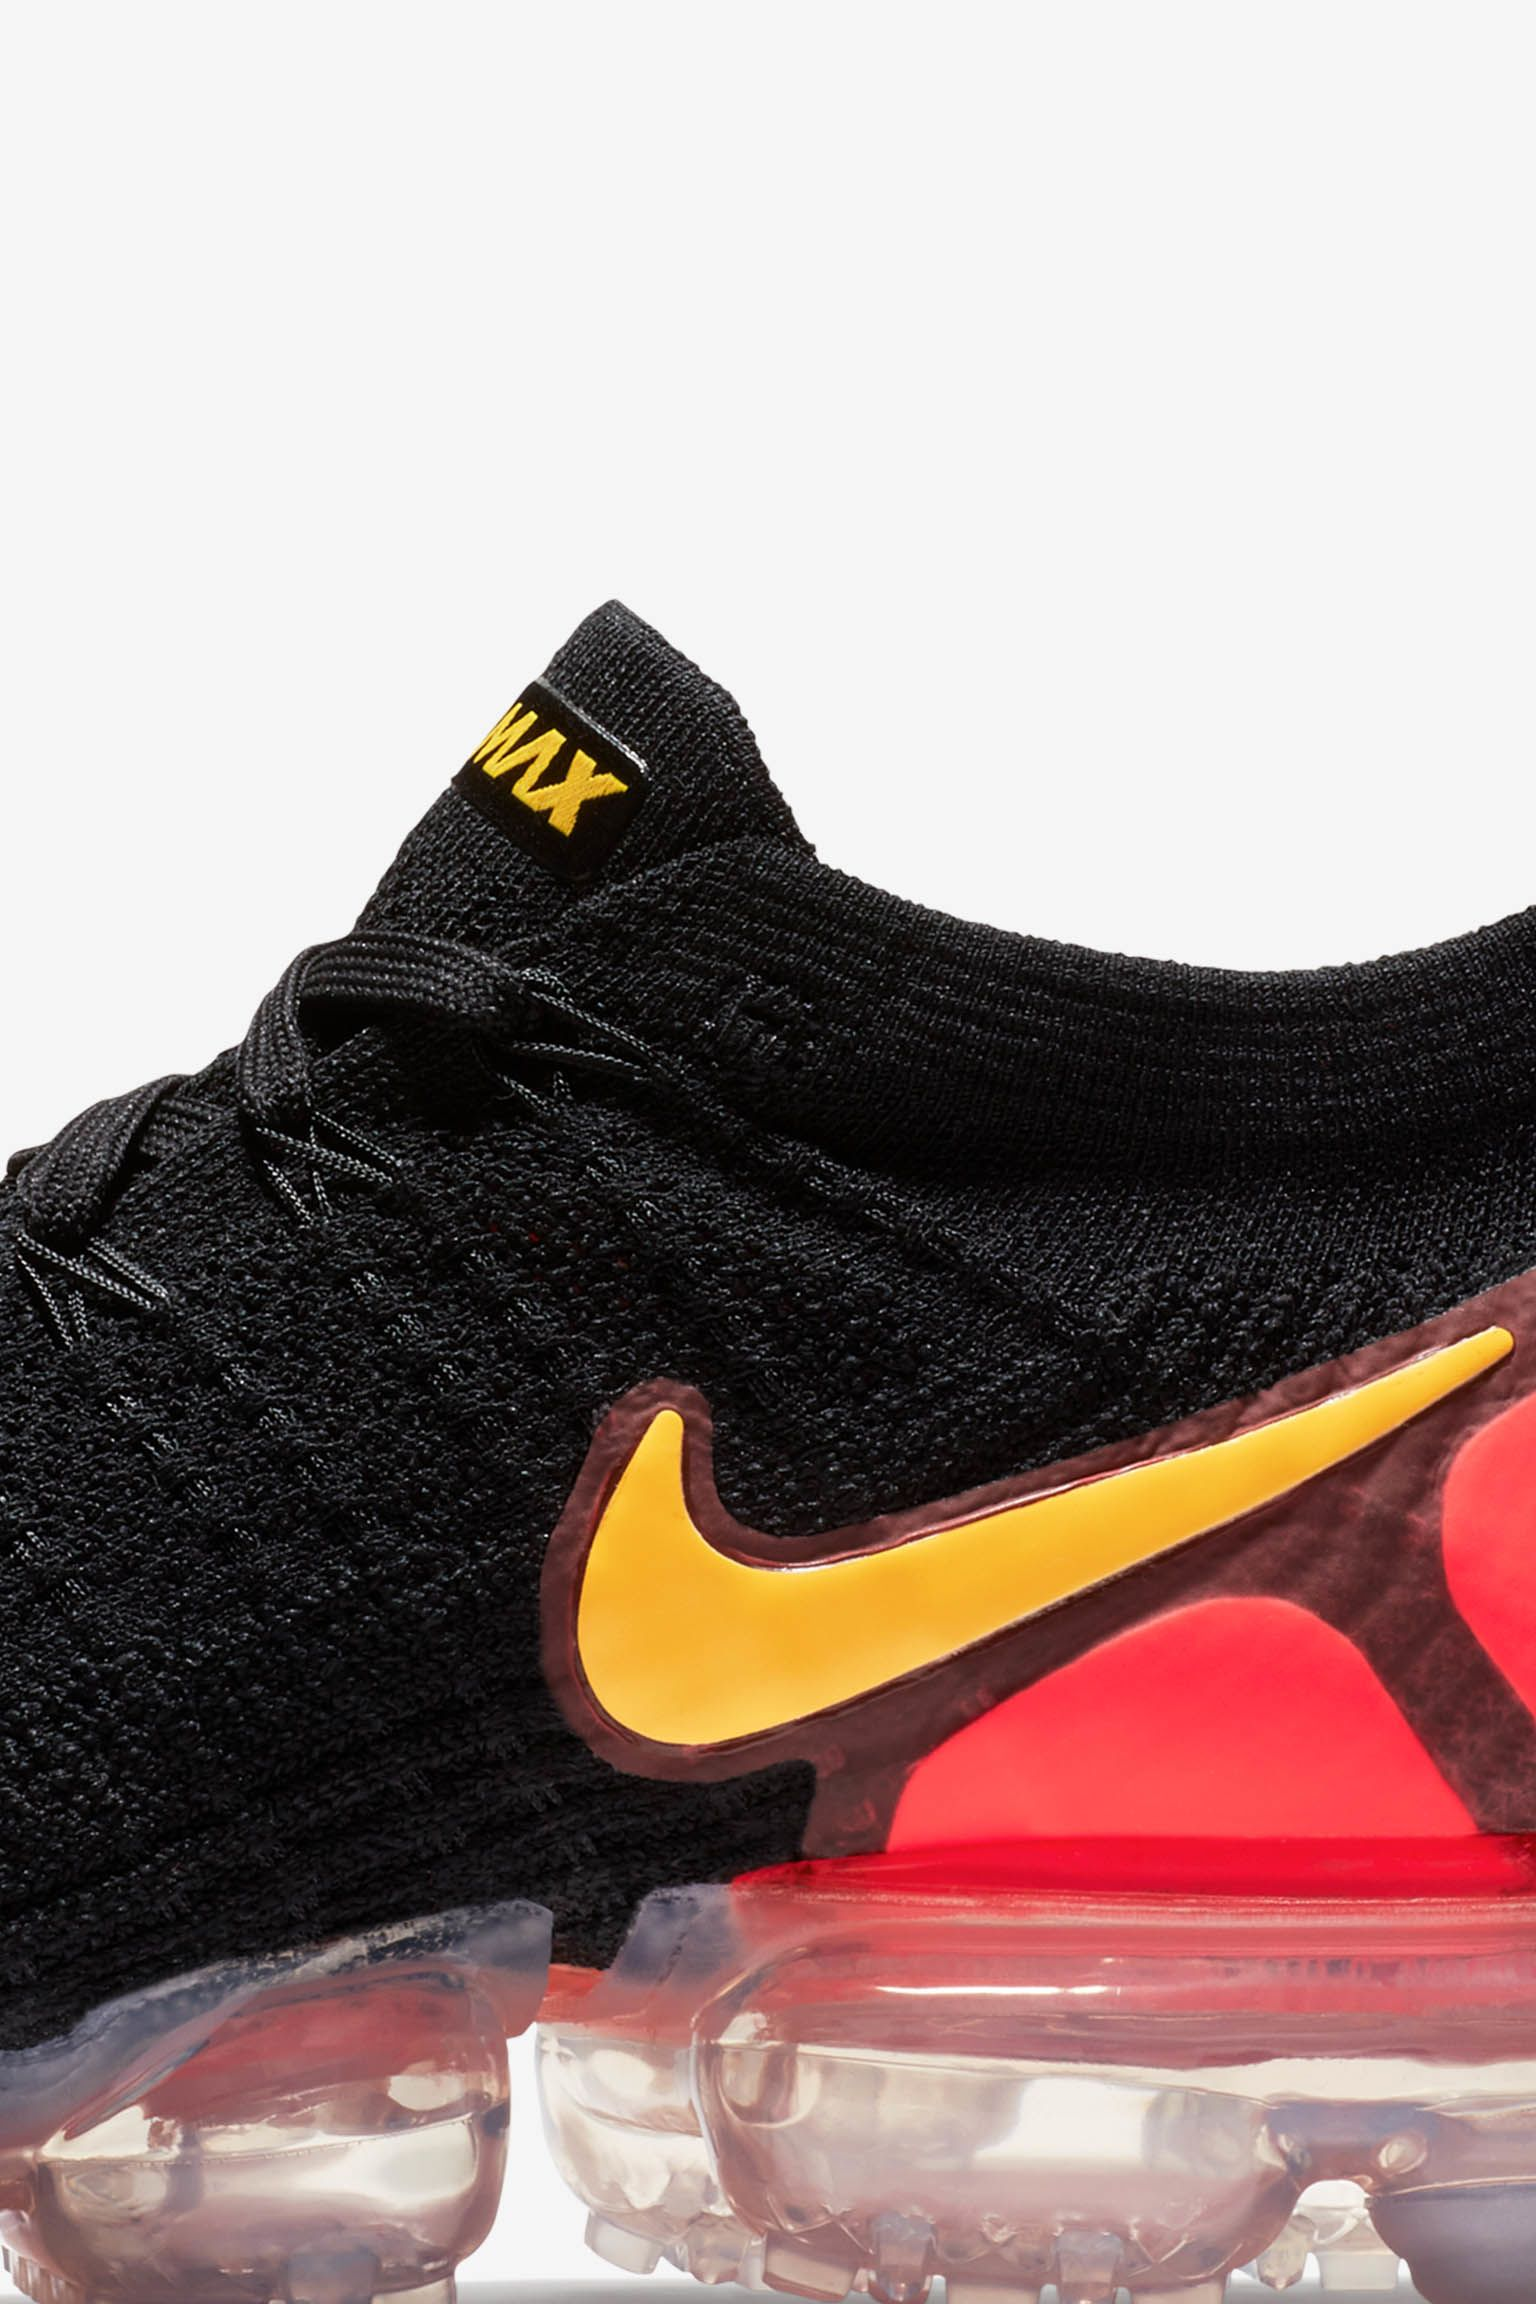 Nike Air Vapormax 2  Black   Laser Orange  Release Date. Nike+ SNKRS e7e387bec2b9